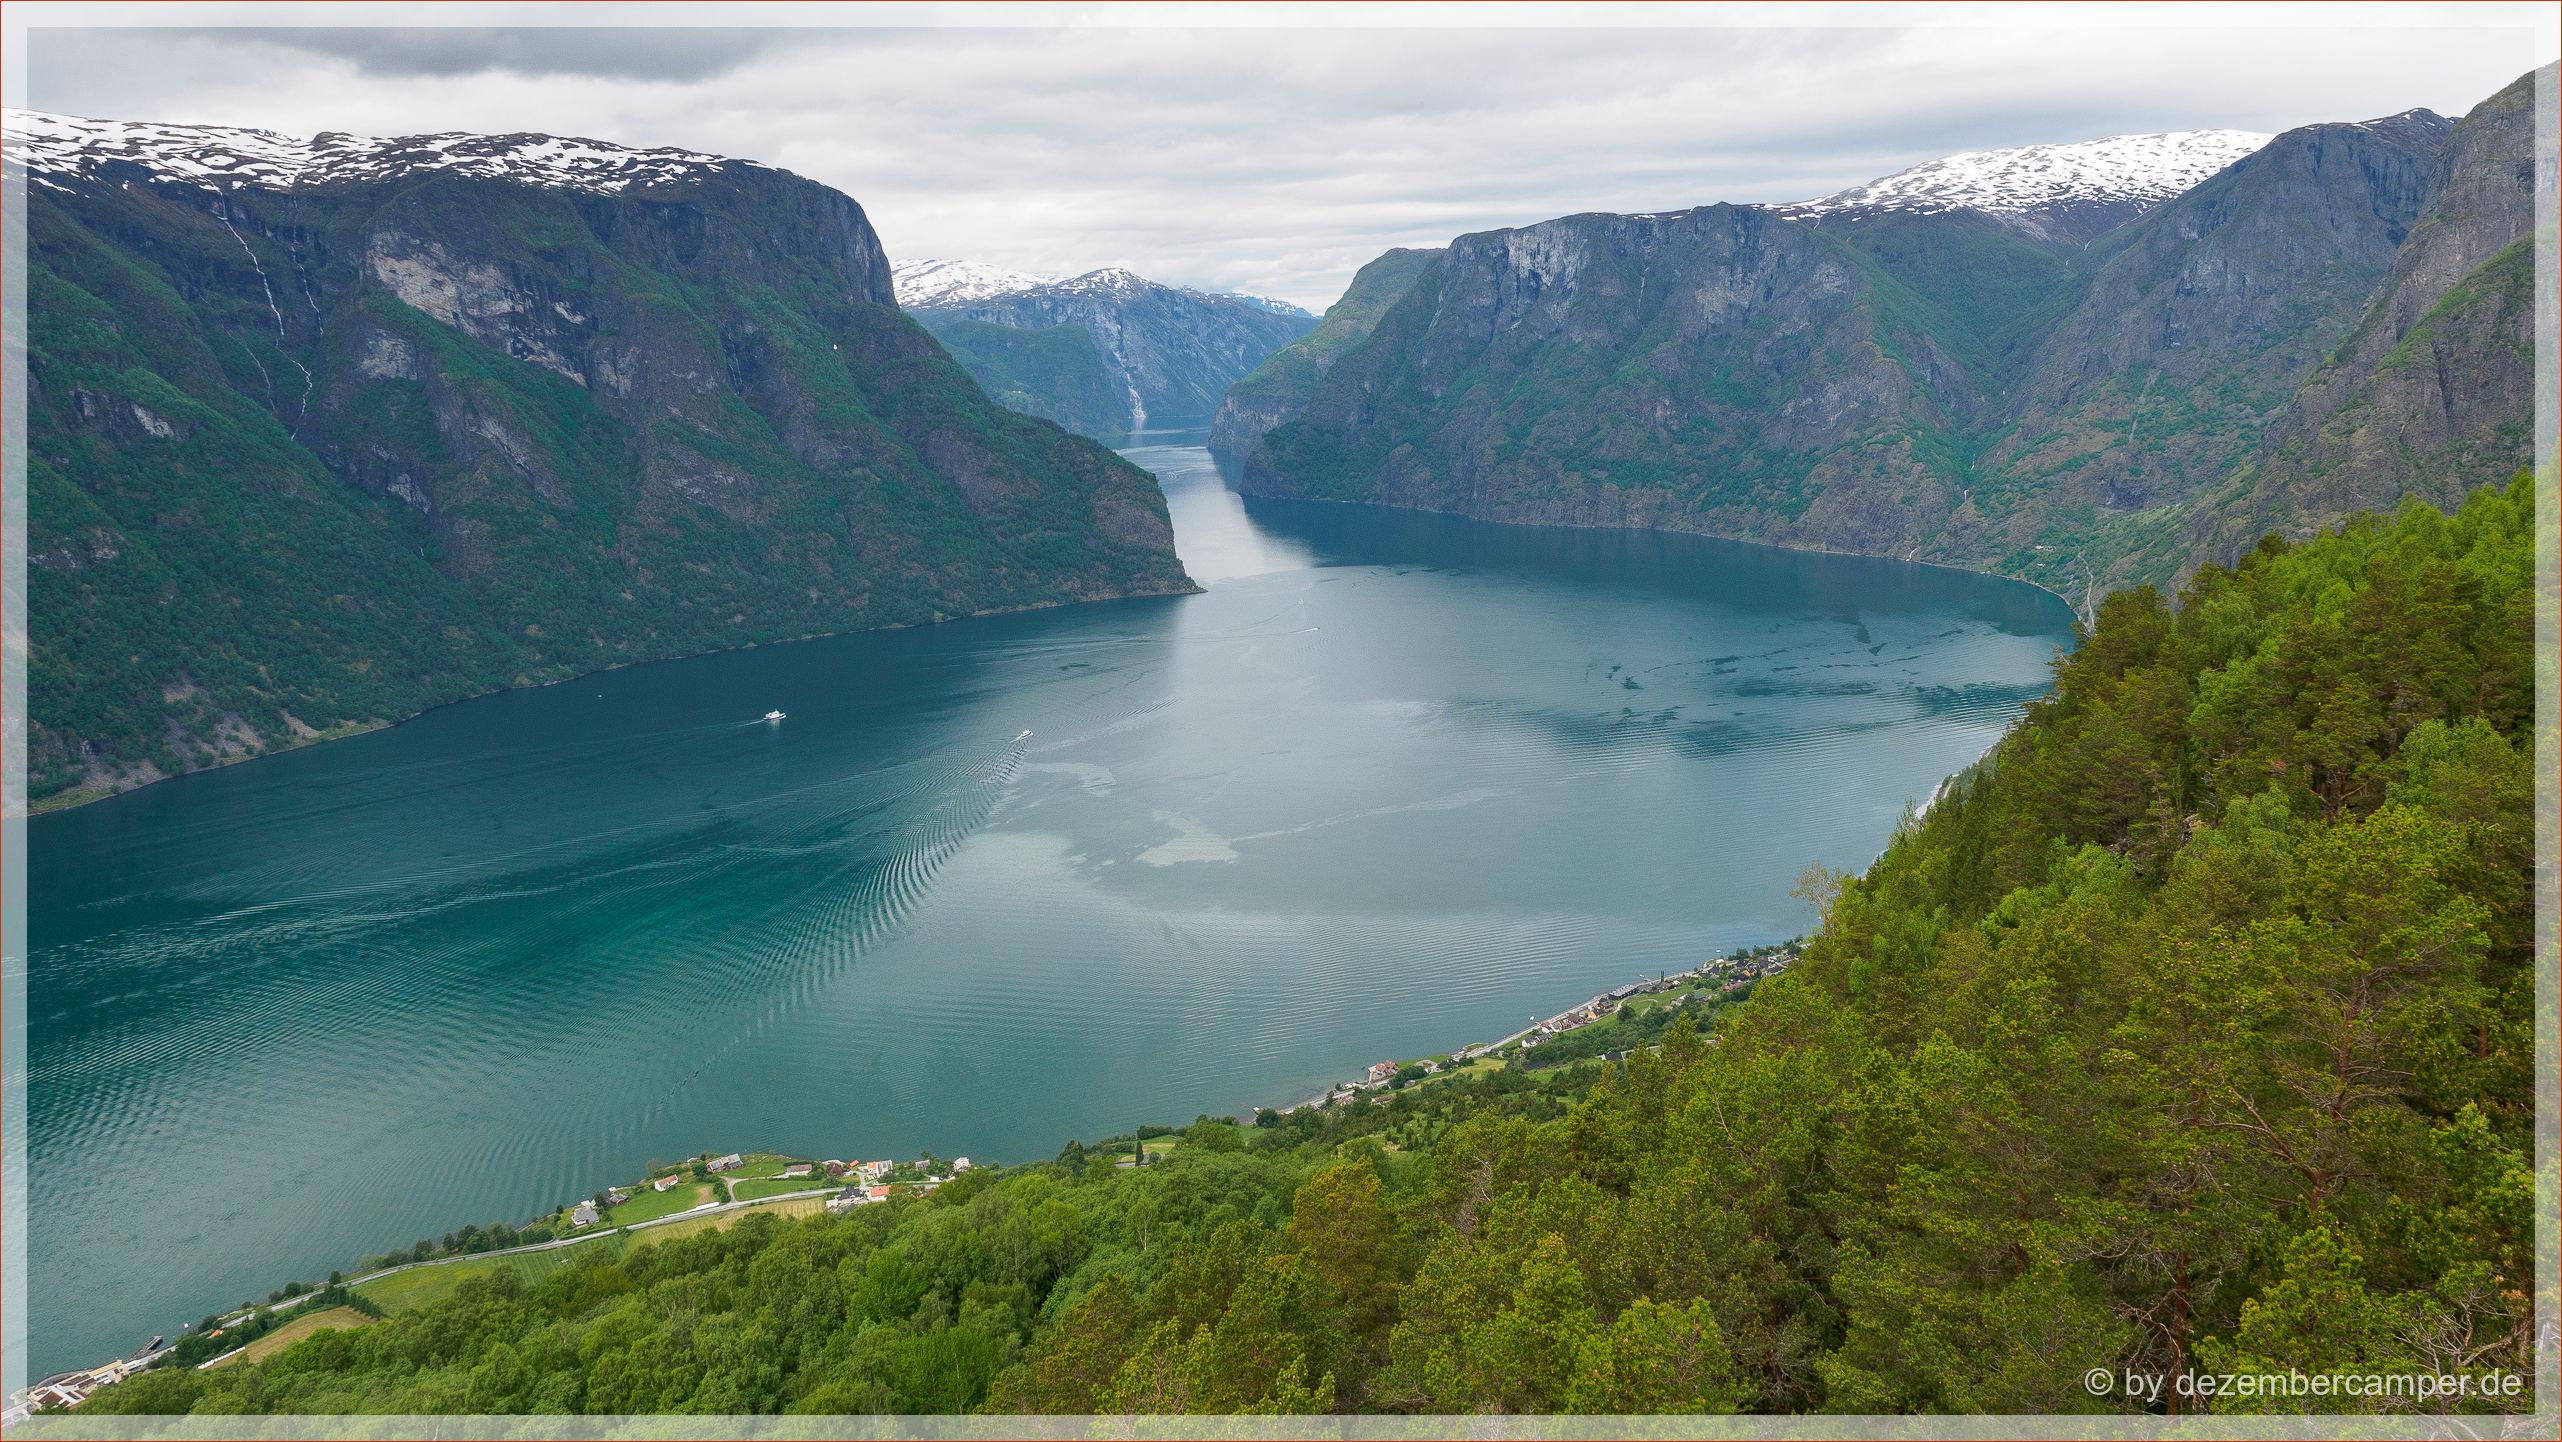 Blick auf den Aurlandsfjord